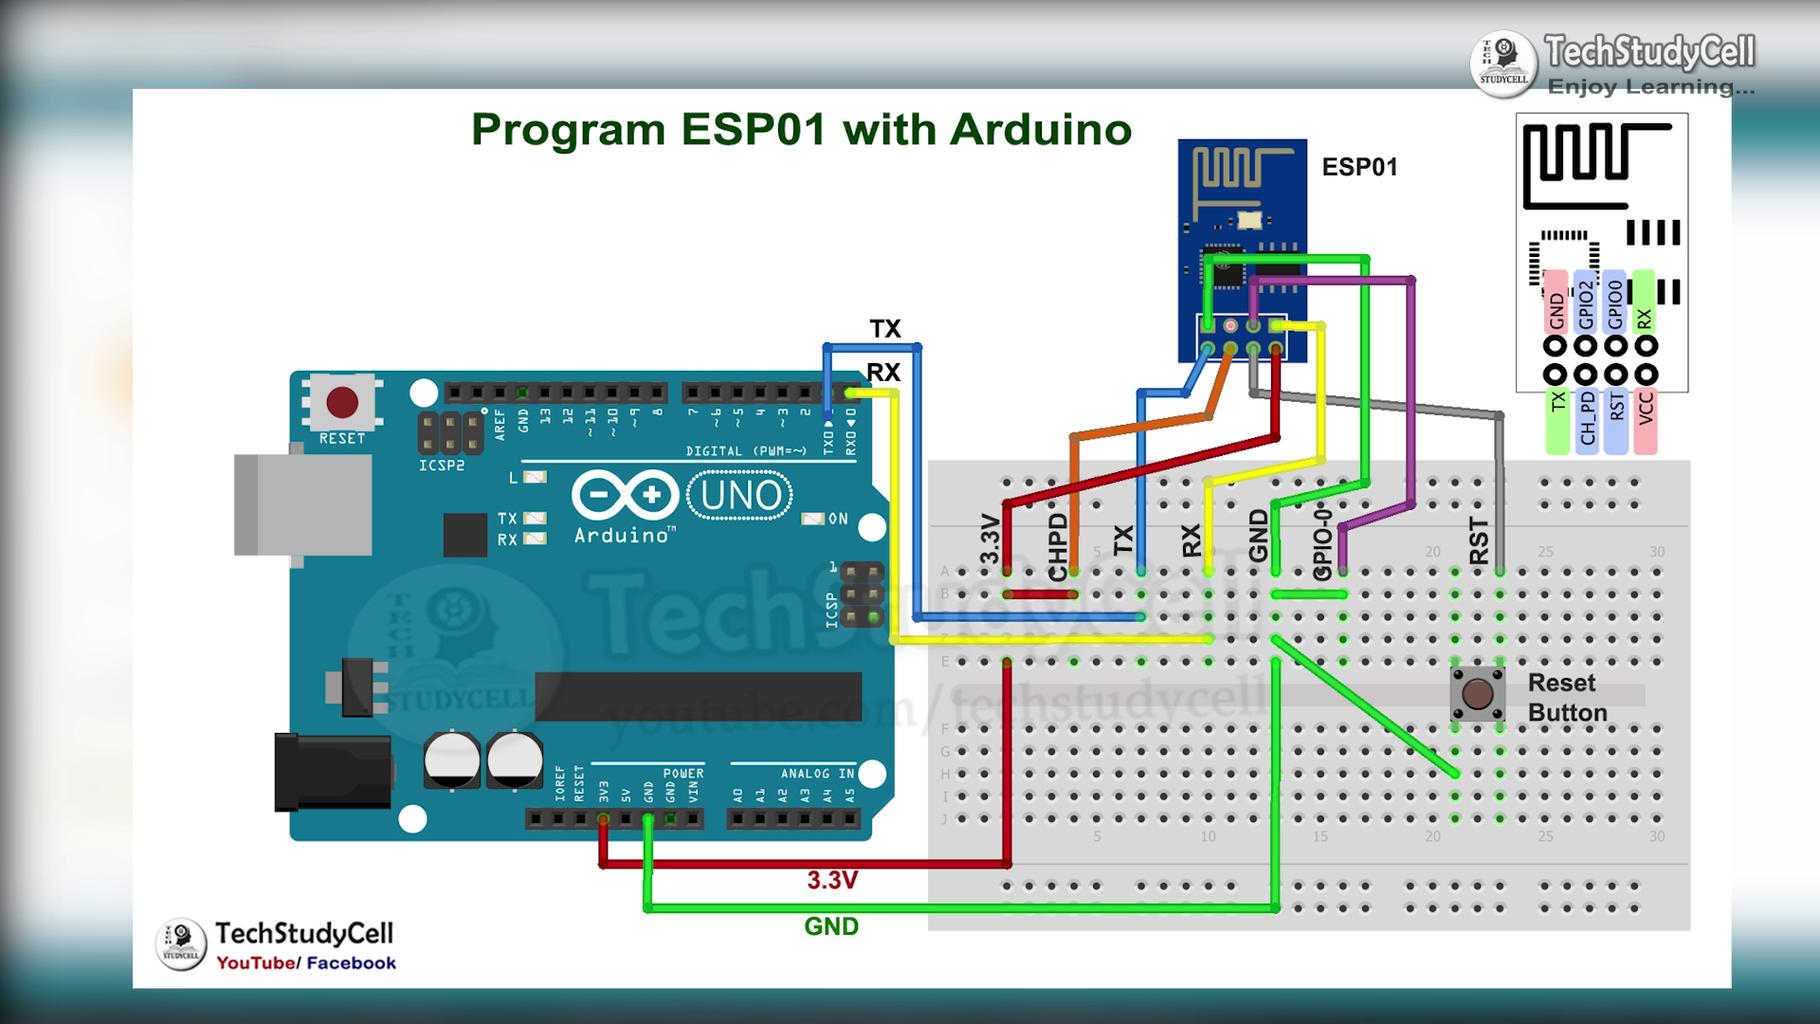 Program the ESP01